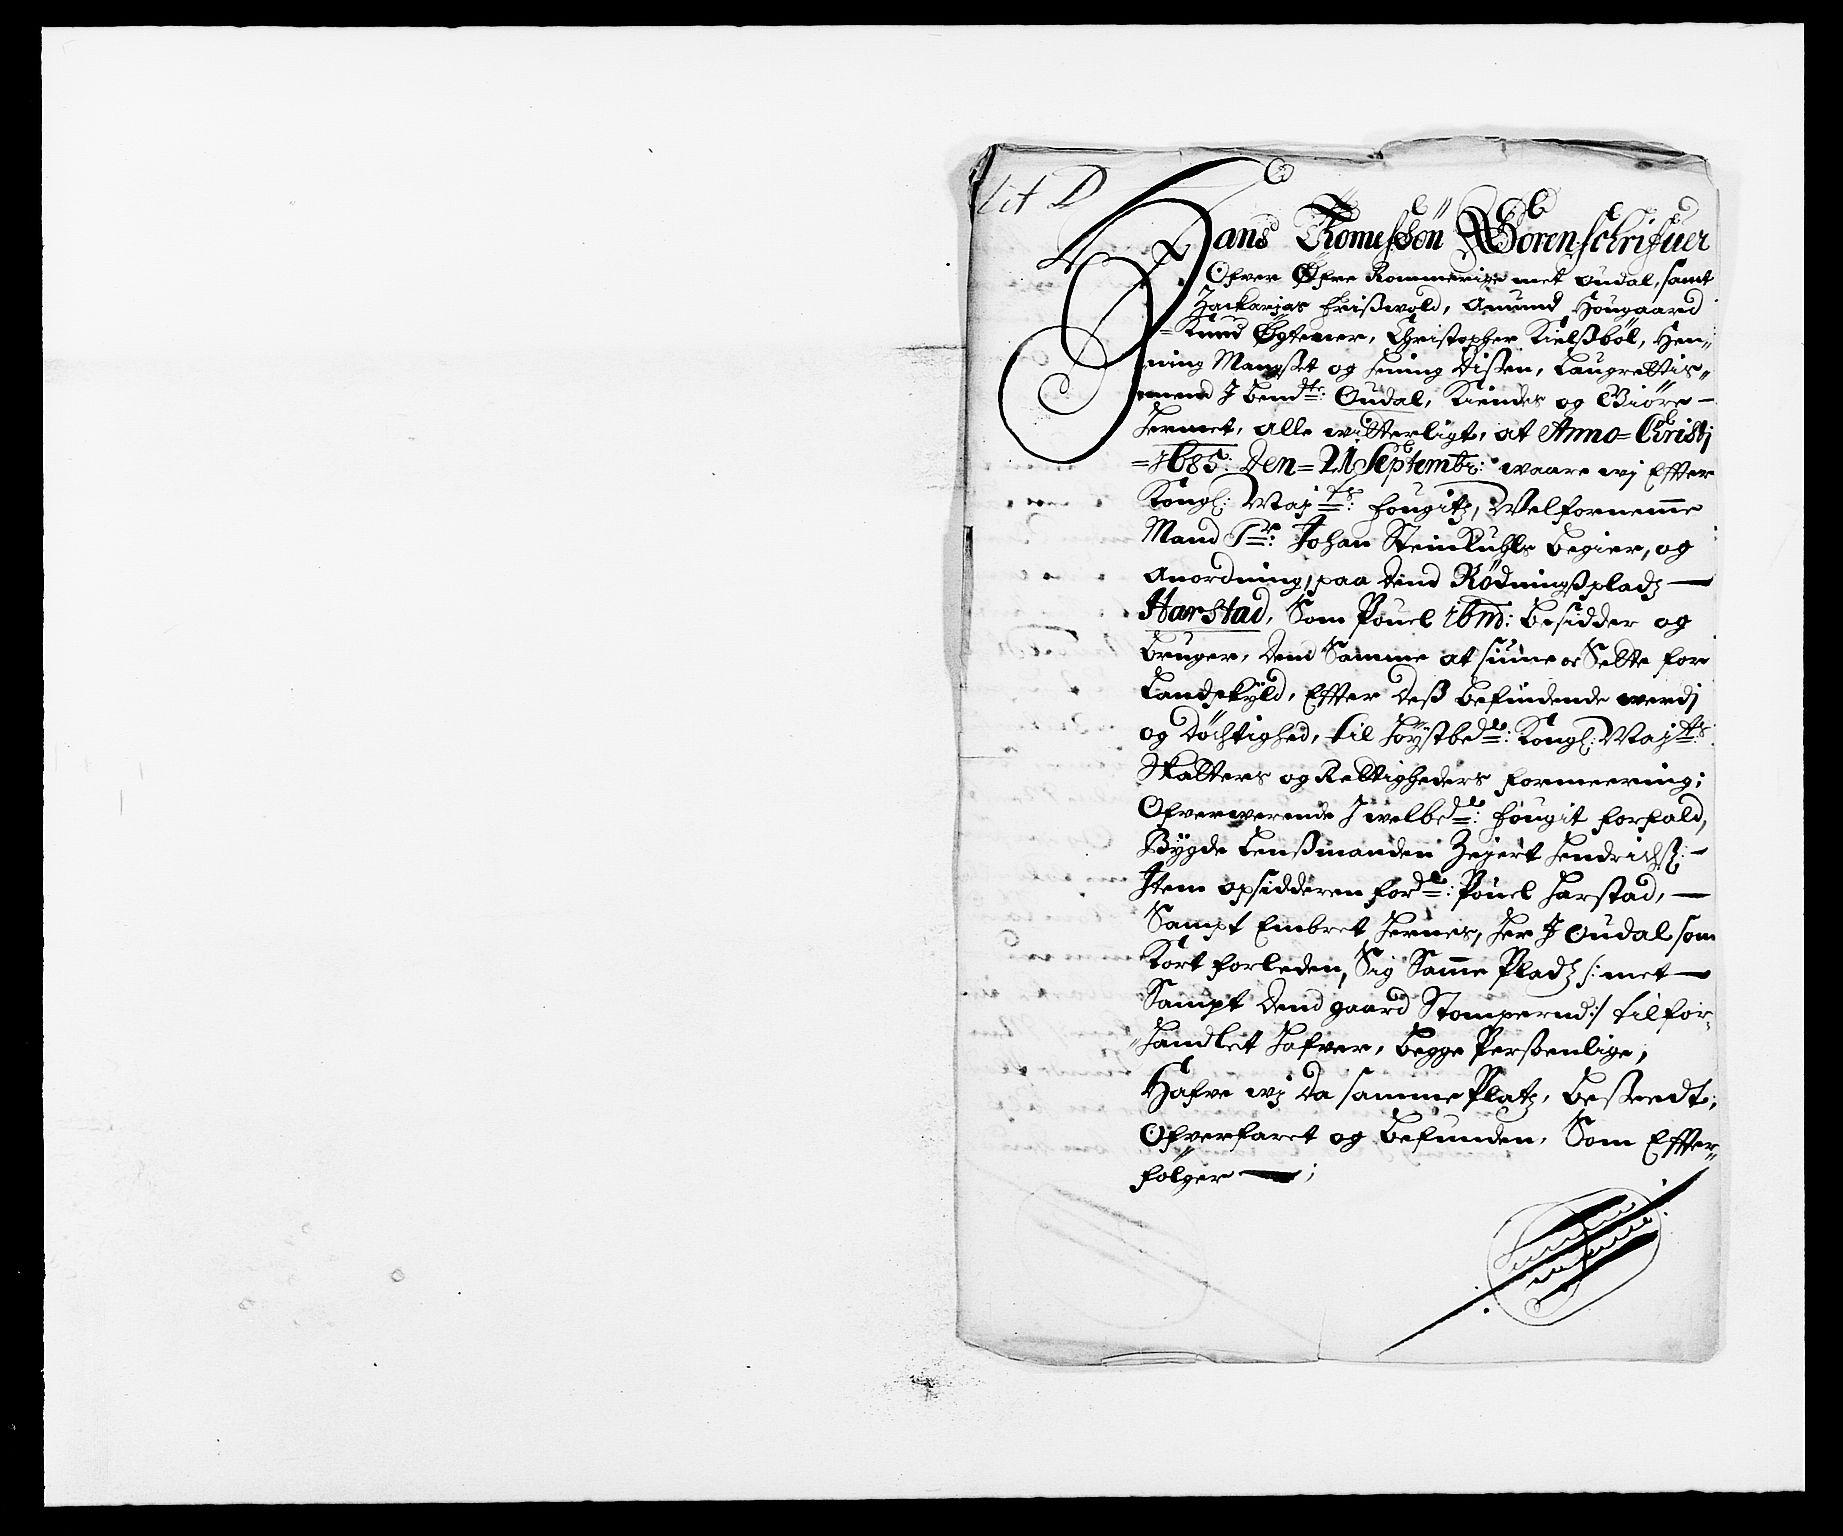 RA, Rentekammeret inntil 1814, Reviderte regnskaper, Fogderegnskap, R13/L0823: Fogderegnskap Solør, Odal og Østerdal, 1686, s. 194